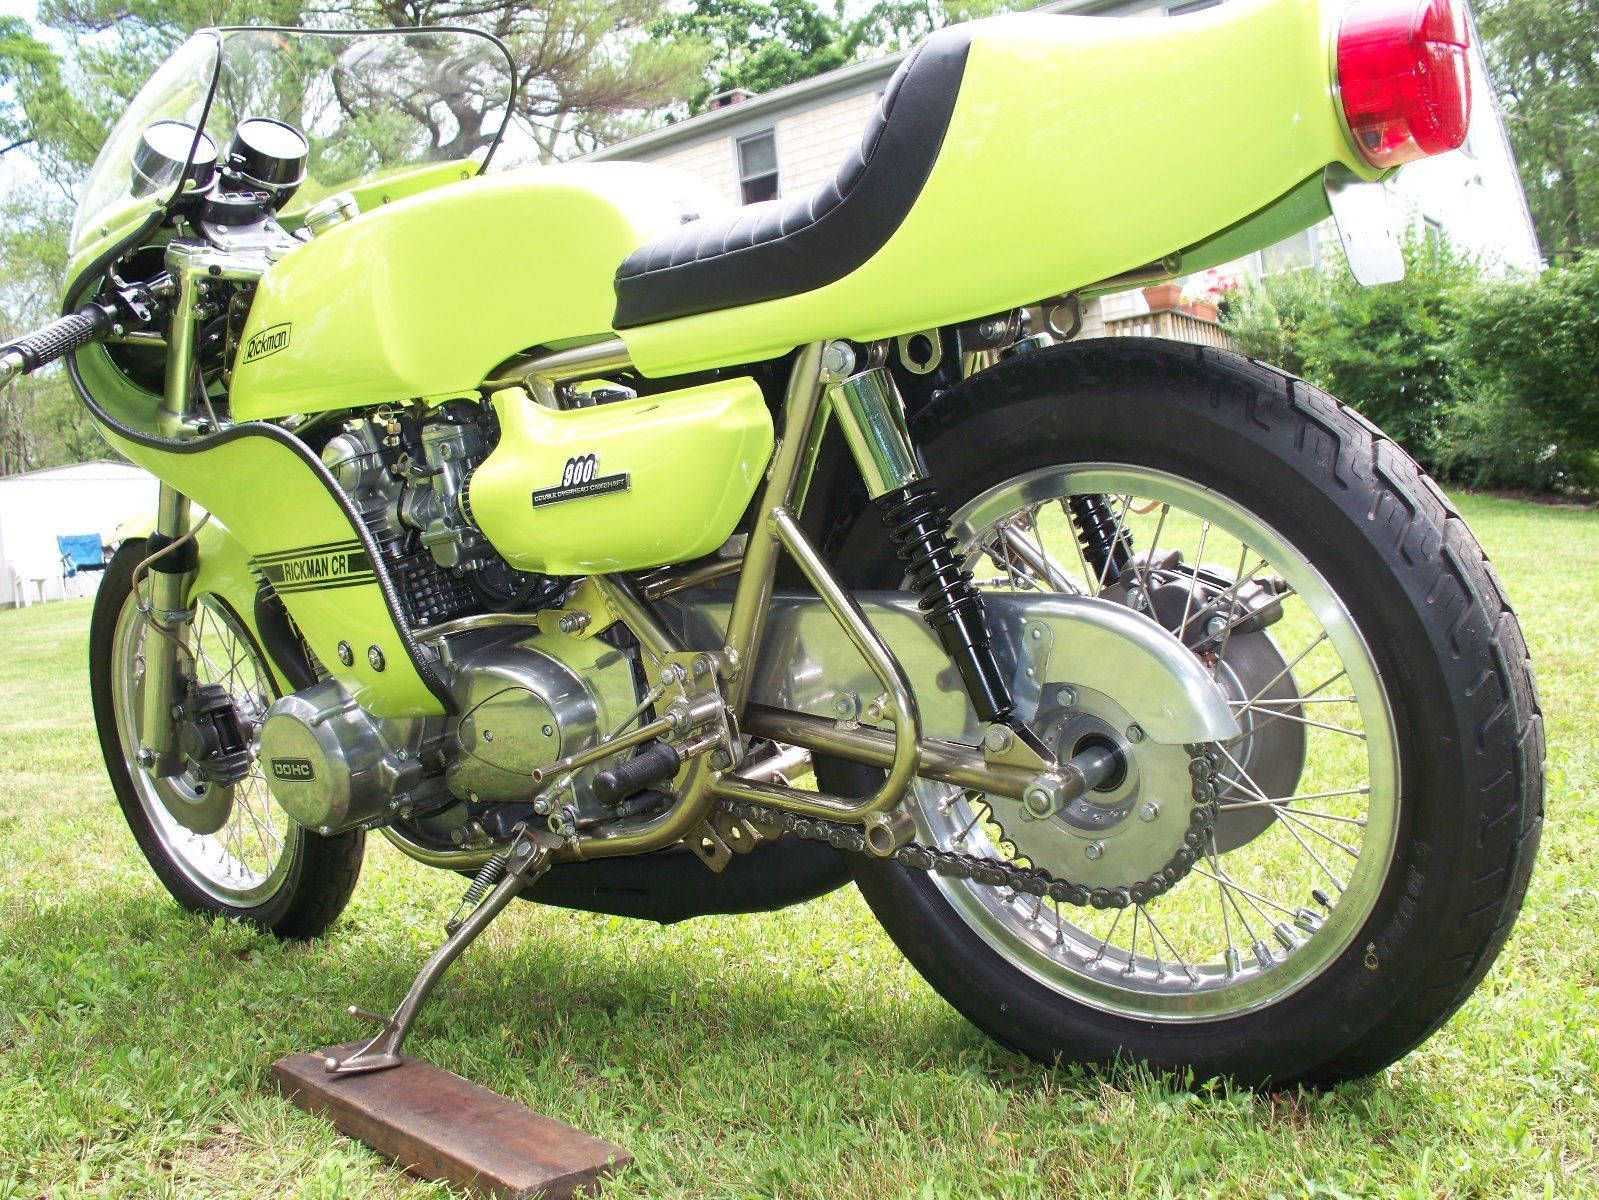 Rickman Kawasaki CR900 - 1975